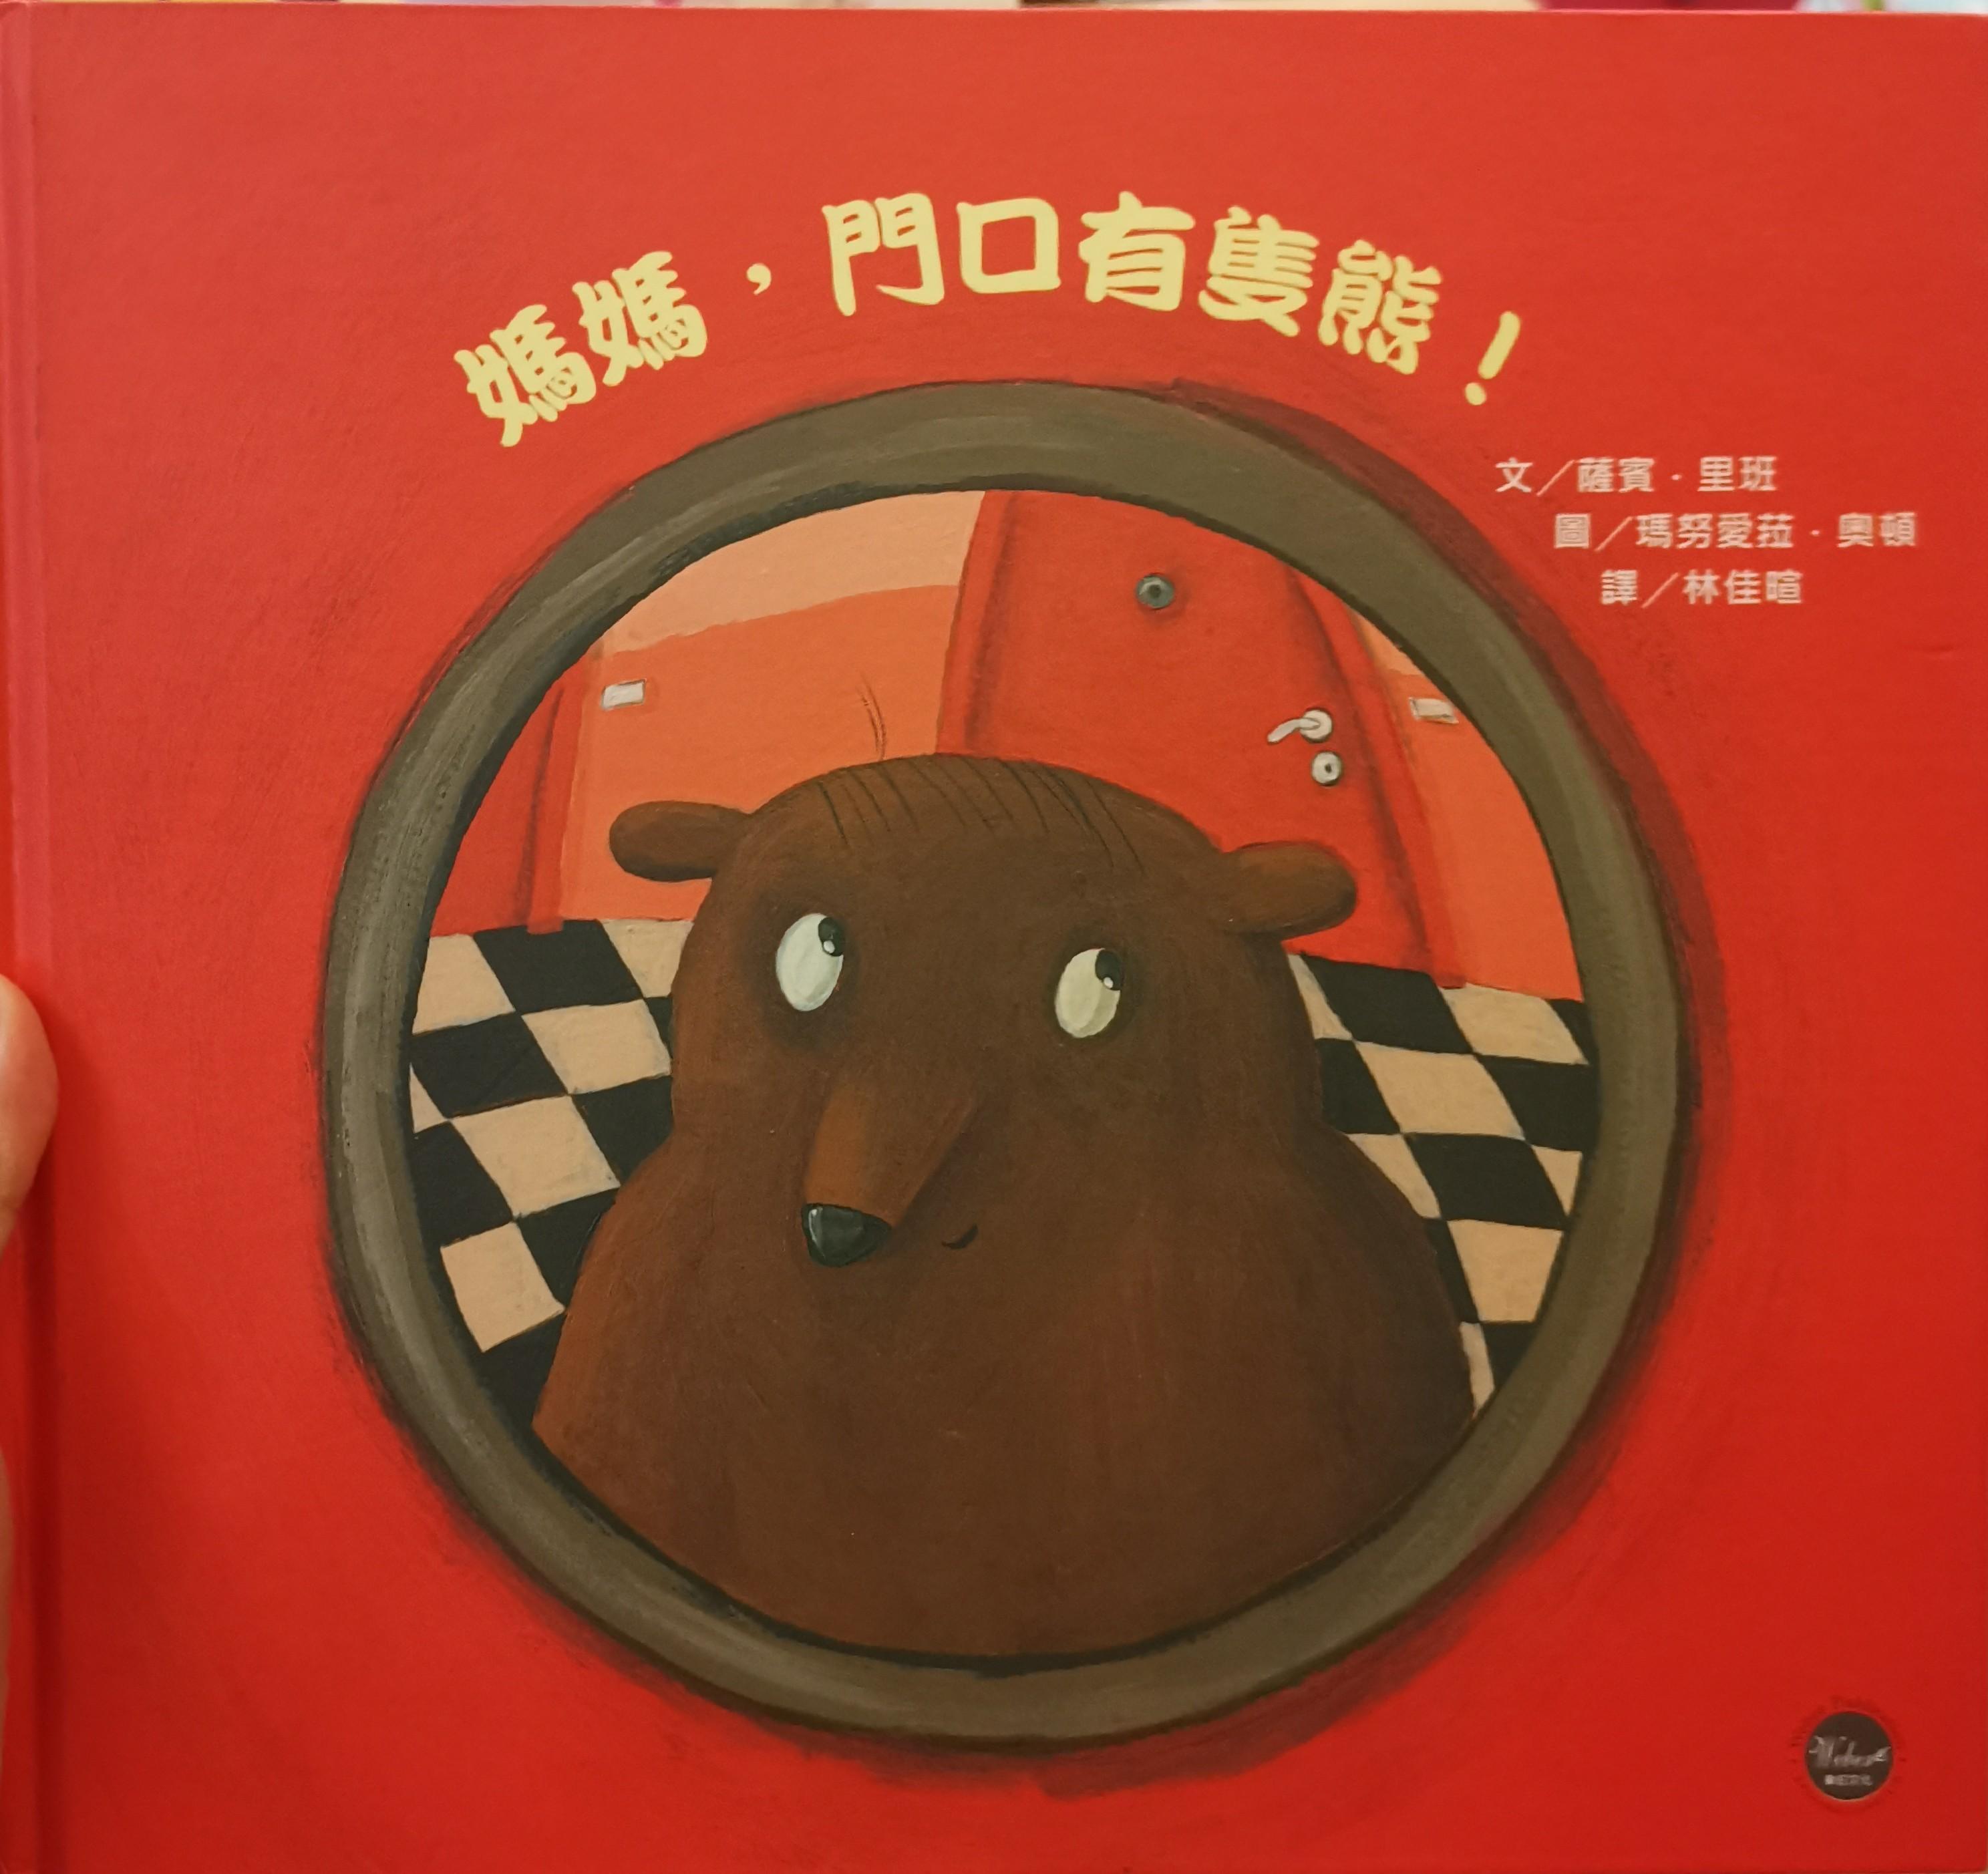 媽媽,門口有隻熊/薩賓‧里班/韋伯出版